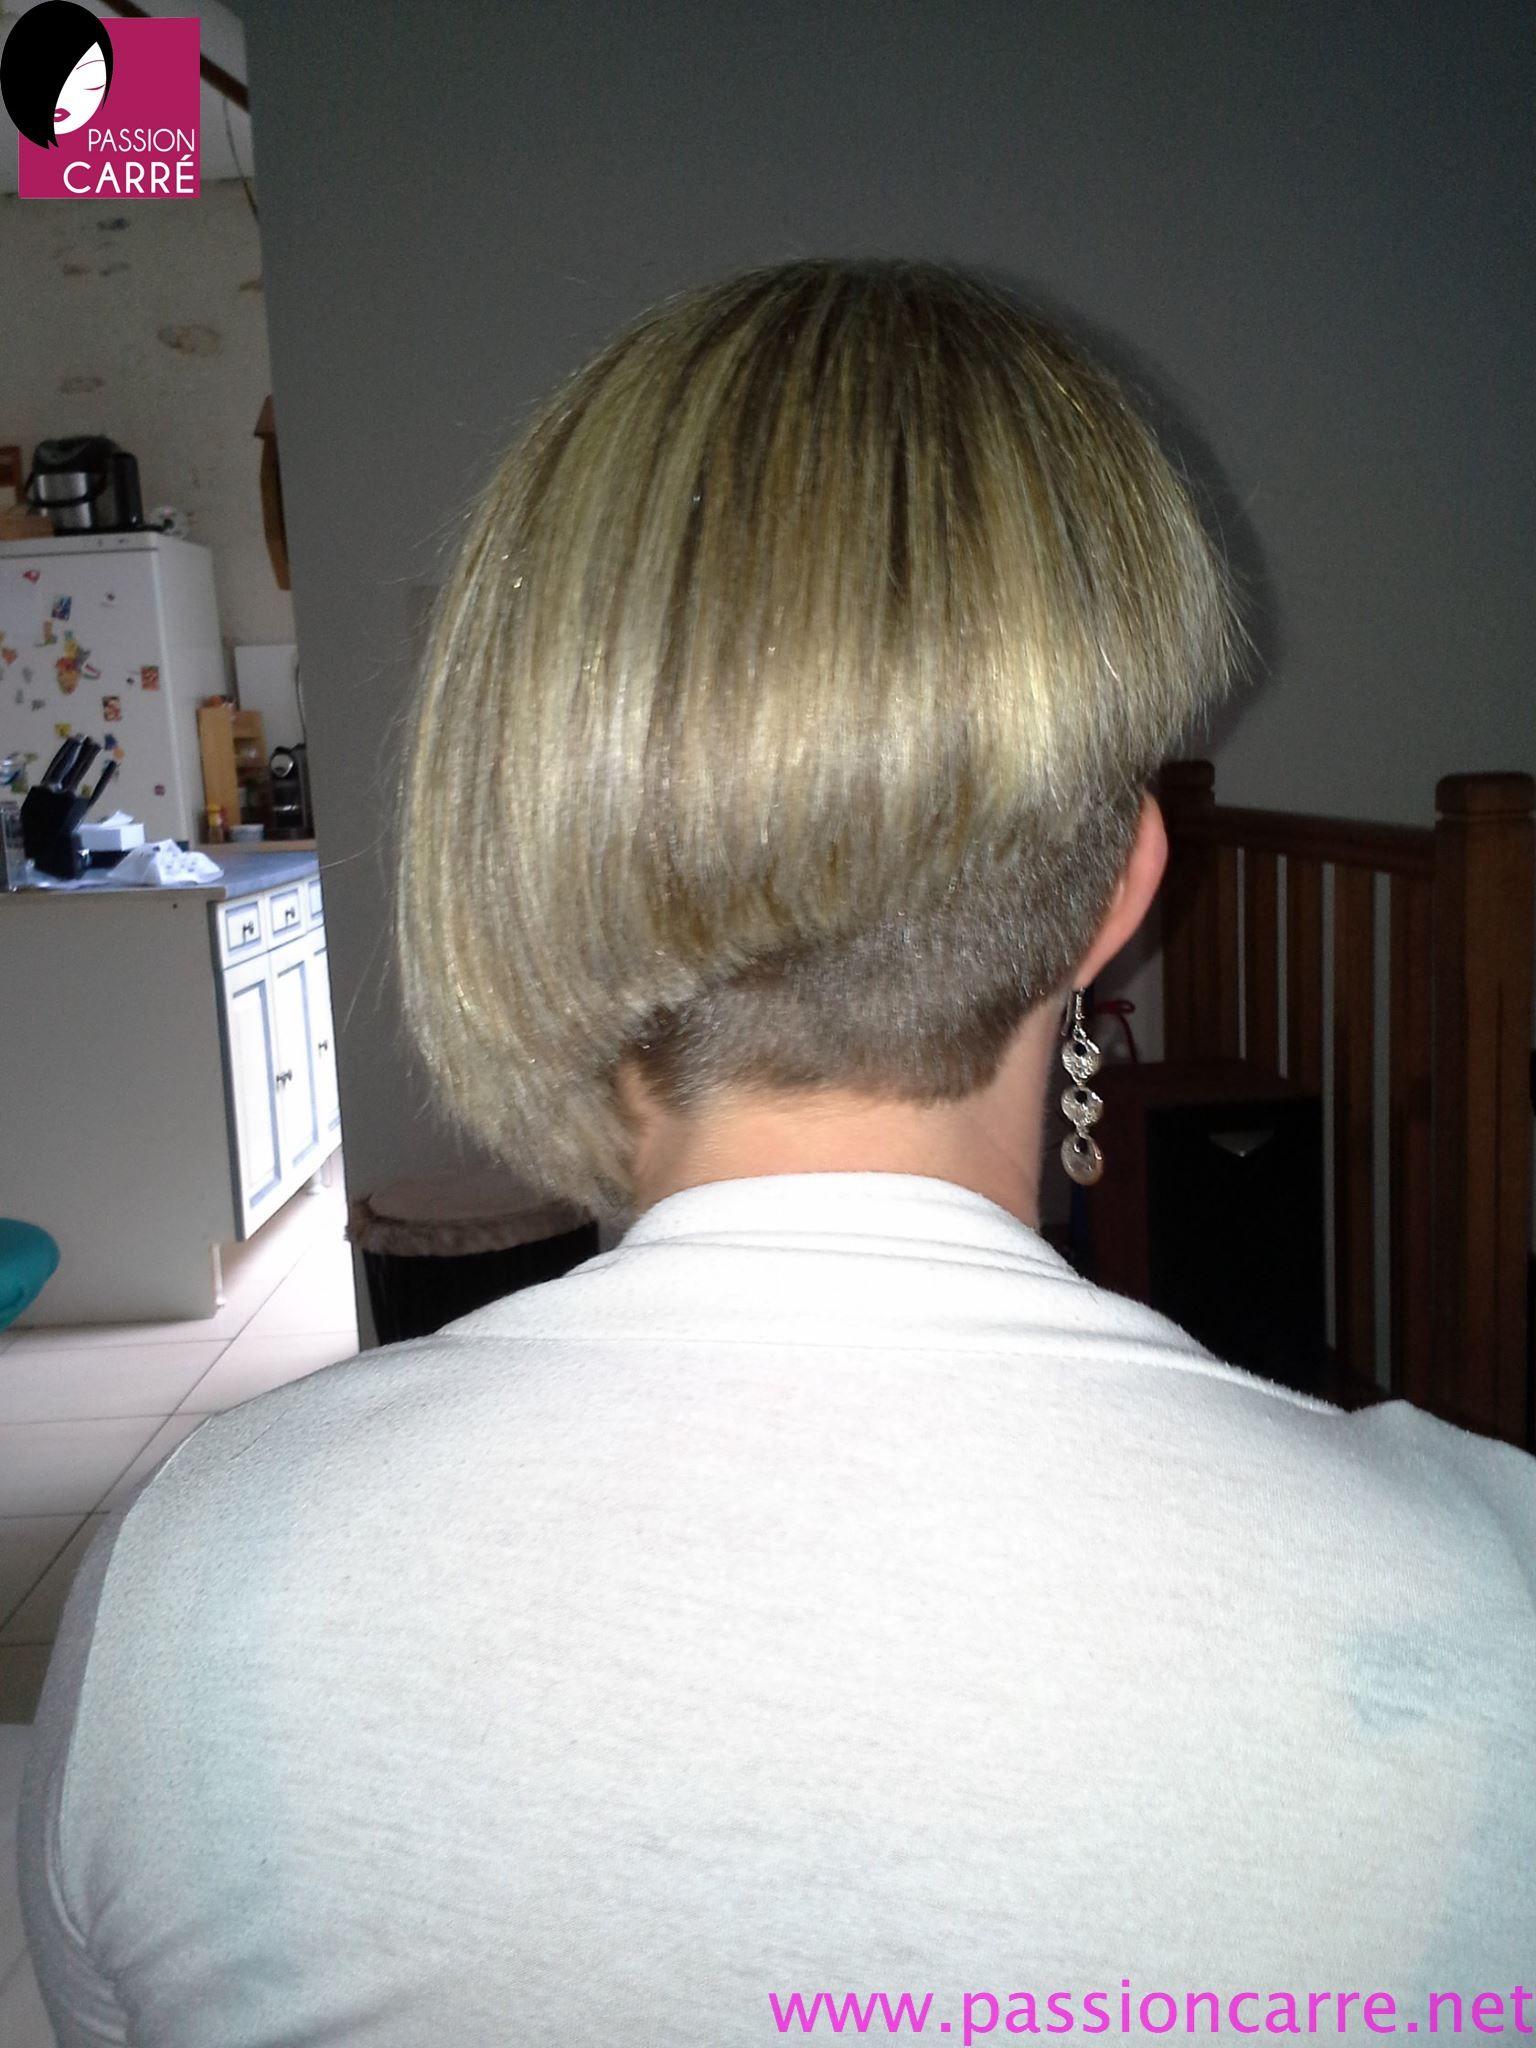 carre-asymetrique-blond-nuque-courte-05-asymetrical-bob-haircut-short-nape.jpeg 1 536 × 2 ...